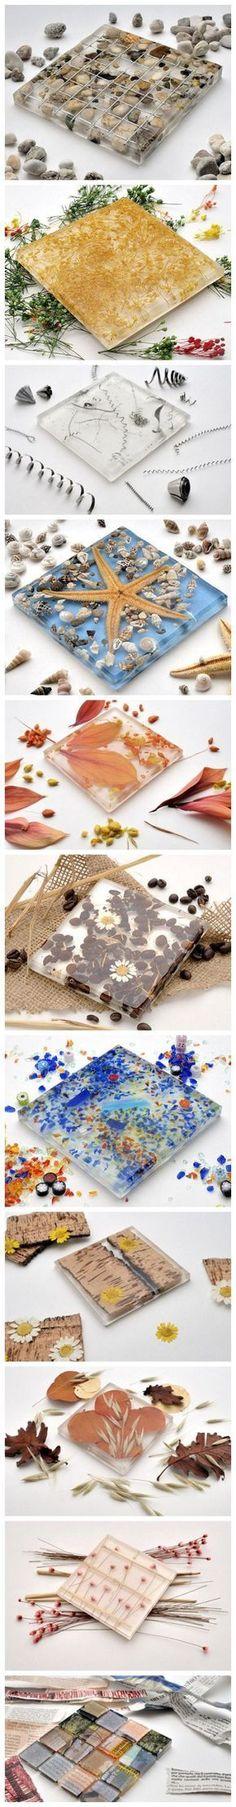 Más original imposible, ¿te gustan estos azulejos con resina epoxi y materiales de la naturaleza?, pues bien si quieres realizarlos te ...